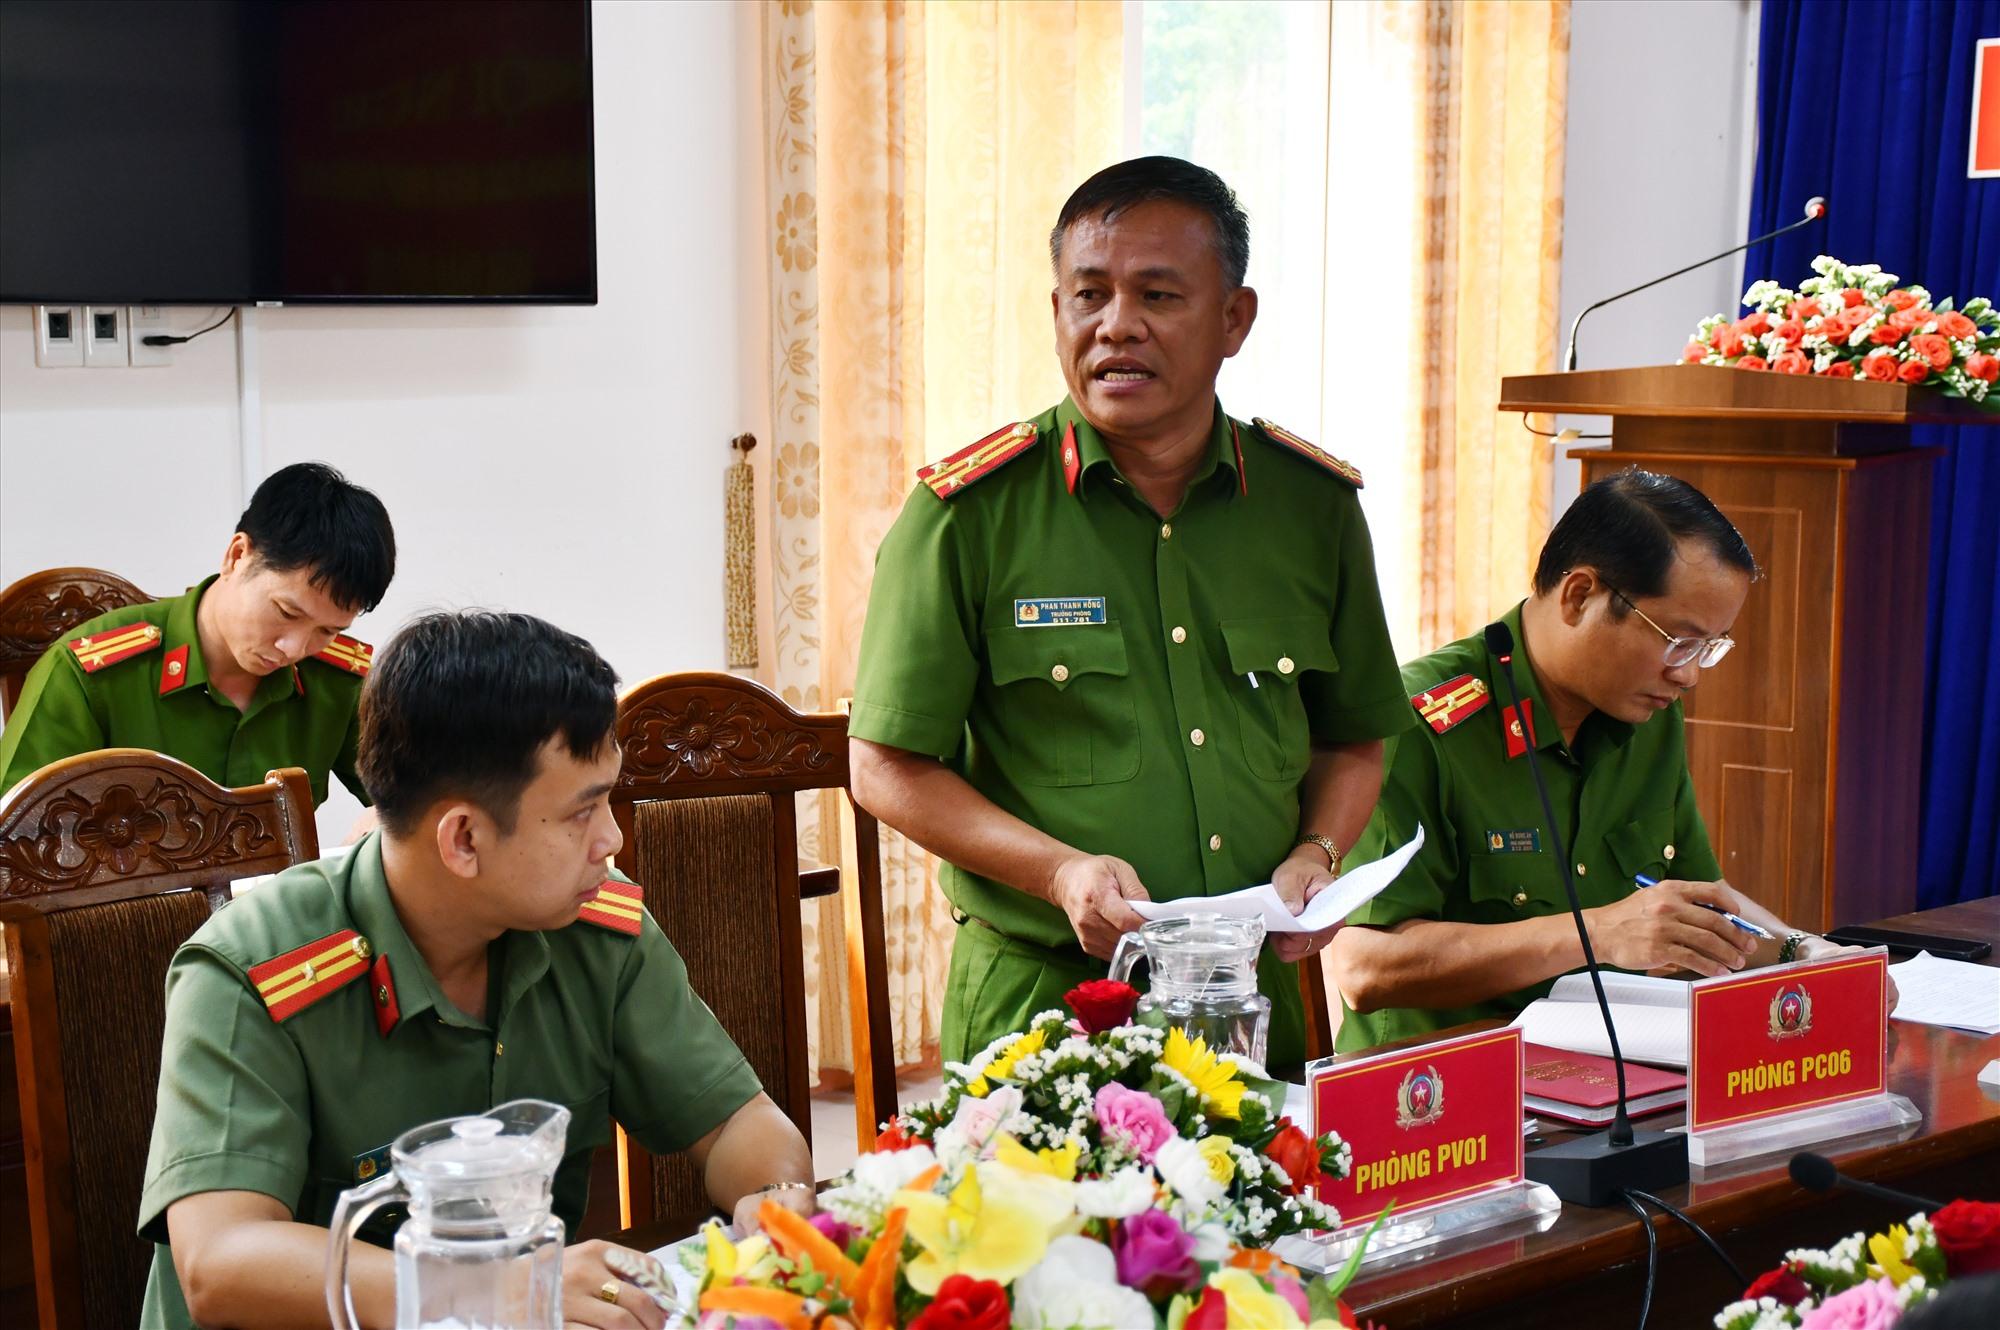 Trưởng phòng Cảnh sát QLHC về TTXH báo cáo tiến độ triển khai cấp CCCD trên địa bàn tỉnh.